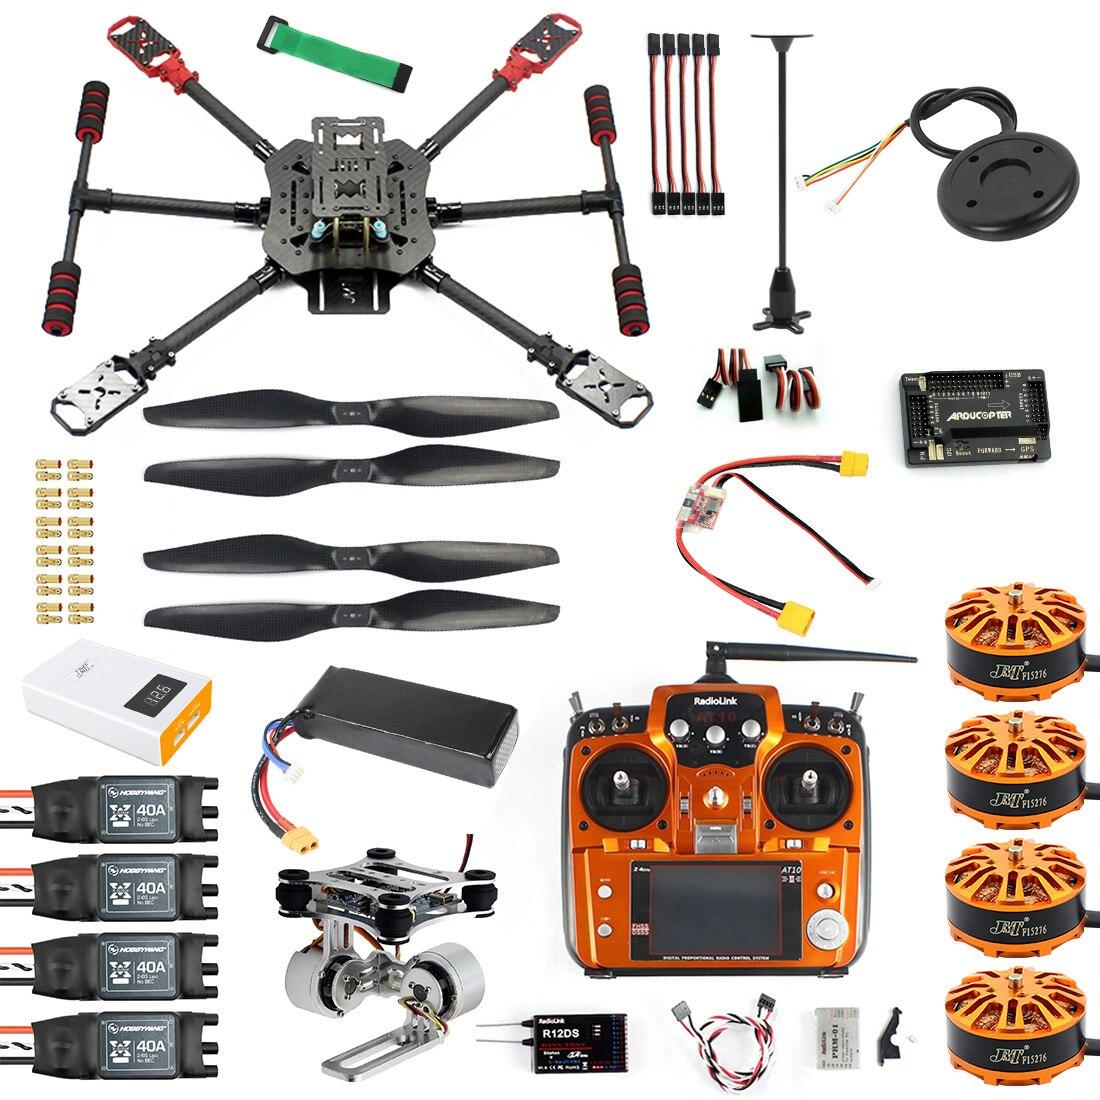 10CH 2.4Ghz X4 460mm 560mm parasol składany zdalnie sterowany quadcopter 4 osi forum regionalnego asean RTF bez możliwości złożenia DIY dron GPS APM PIX w/Gimbal FPV aktualizacji